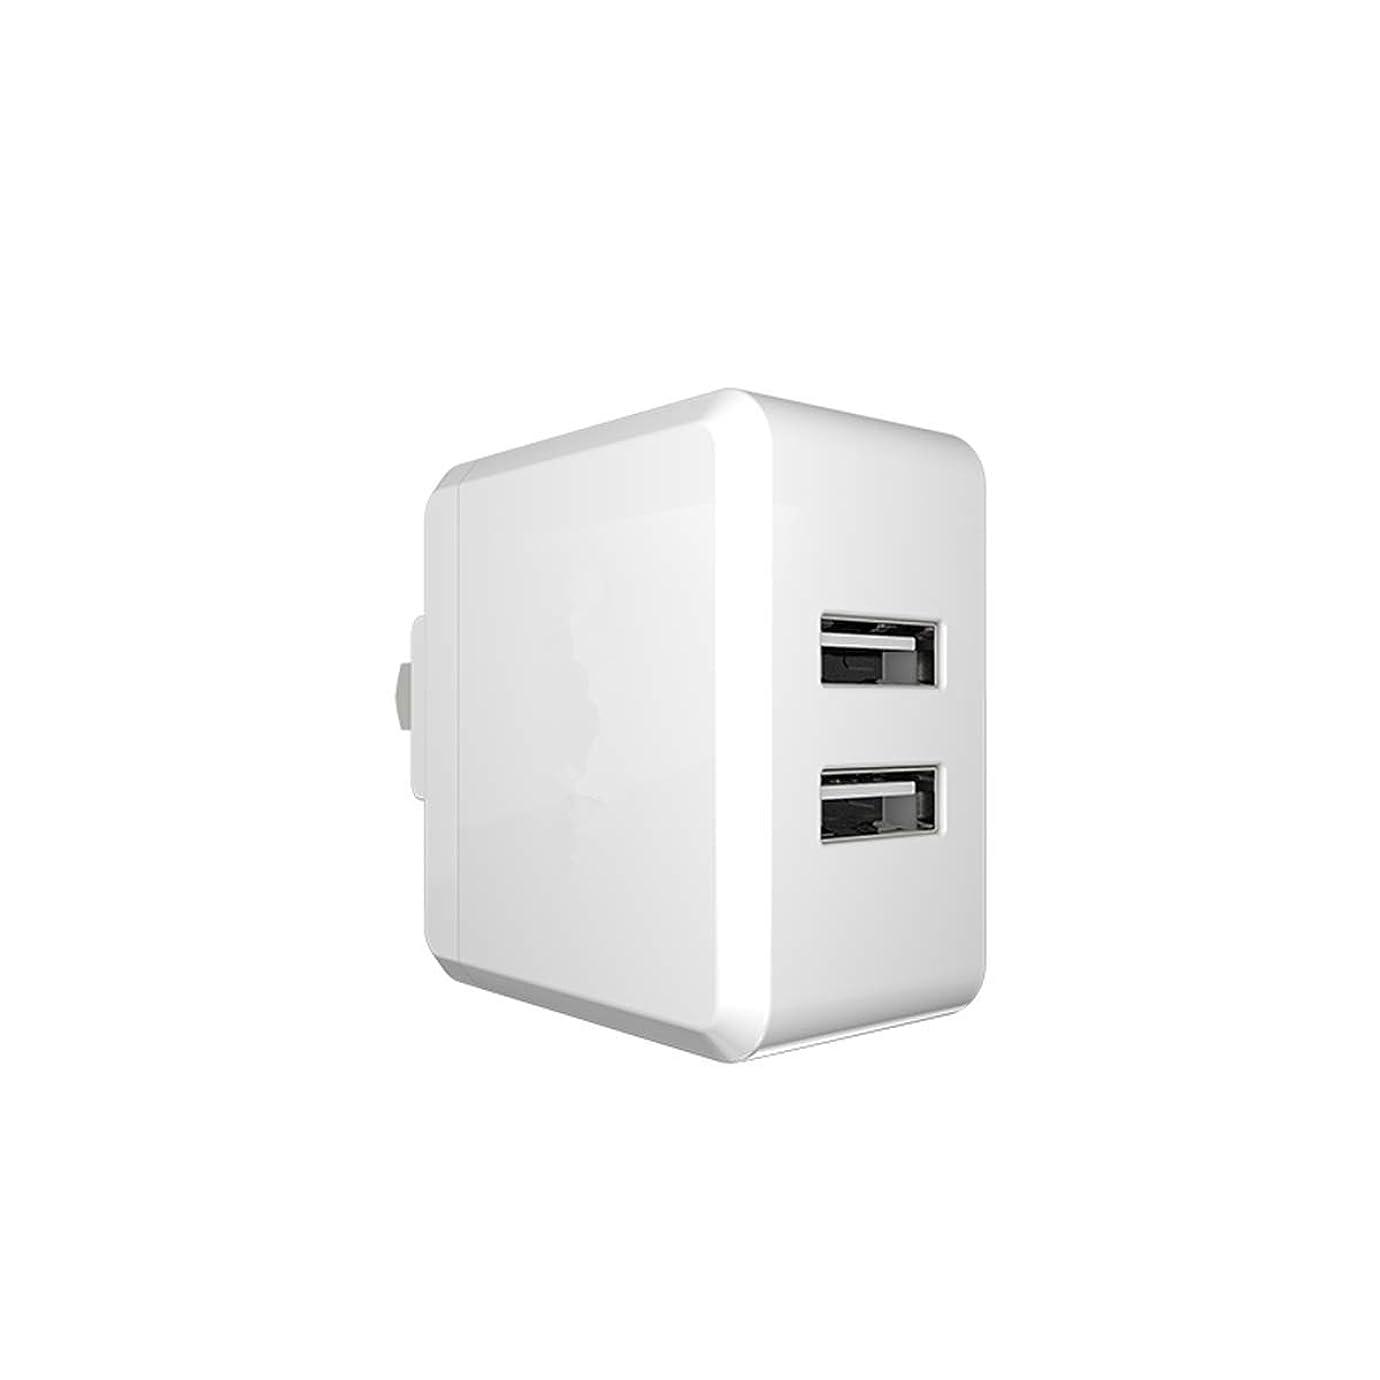 スタウト地理骨折FC-工場 USB充電器 ACアダプター 2ポート 最大出力5V,2.4A 24W アダプタ 【超コンパクトサイズ/急速/折畳式プラグ】 持ち運び便利、旅行用 iPhone/iPad/Android 等のUSB機器対応